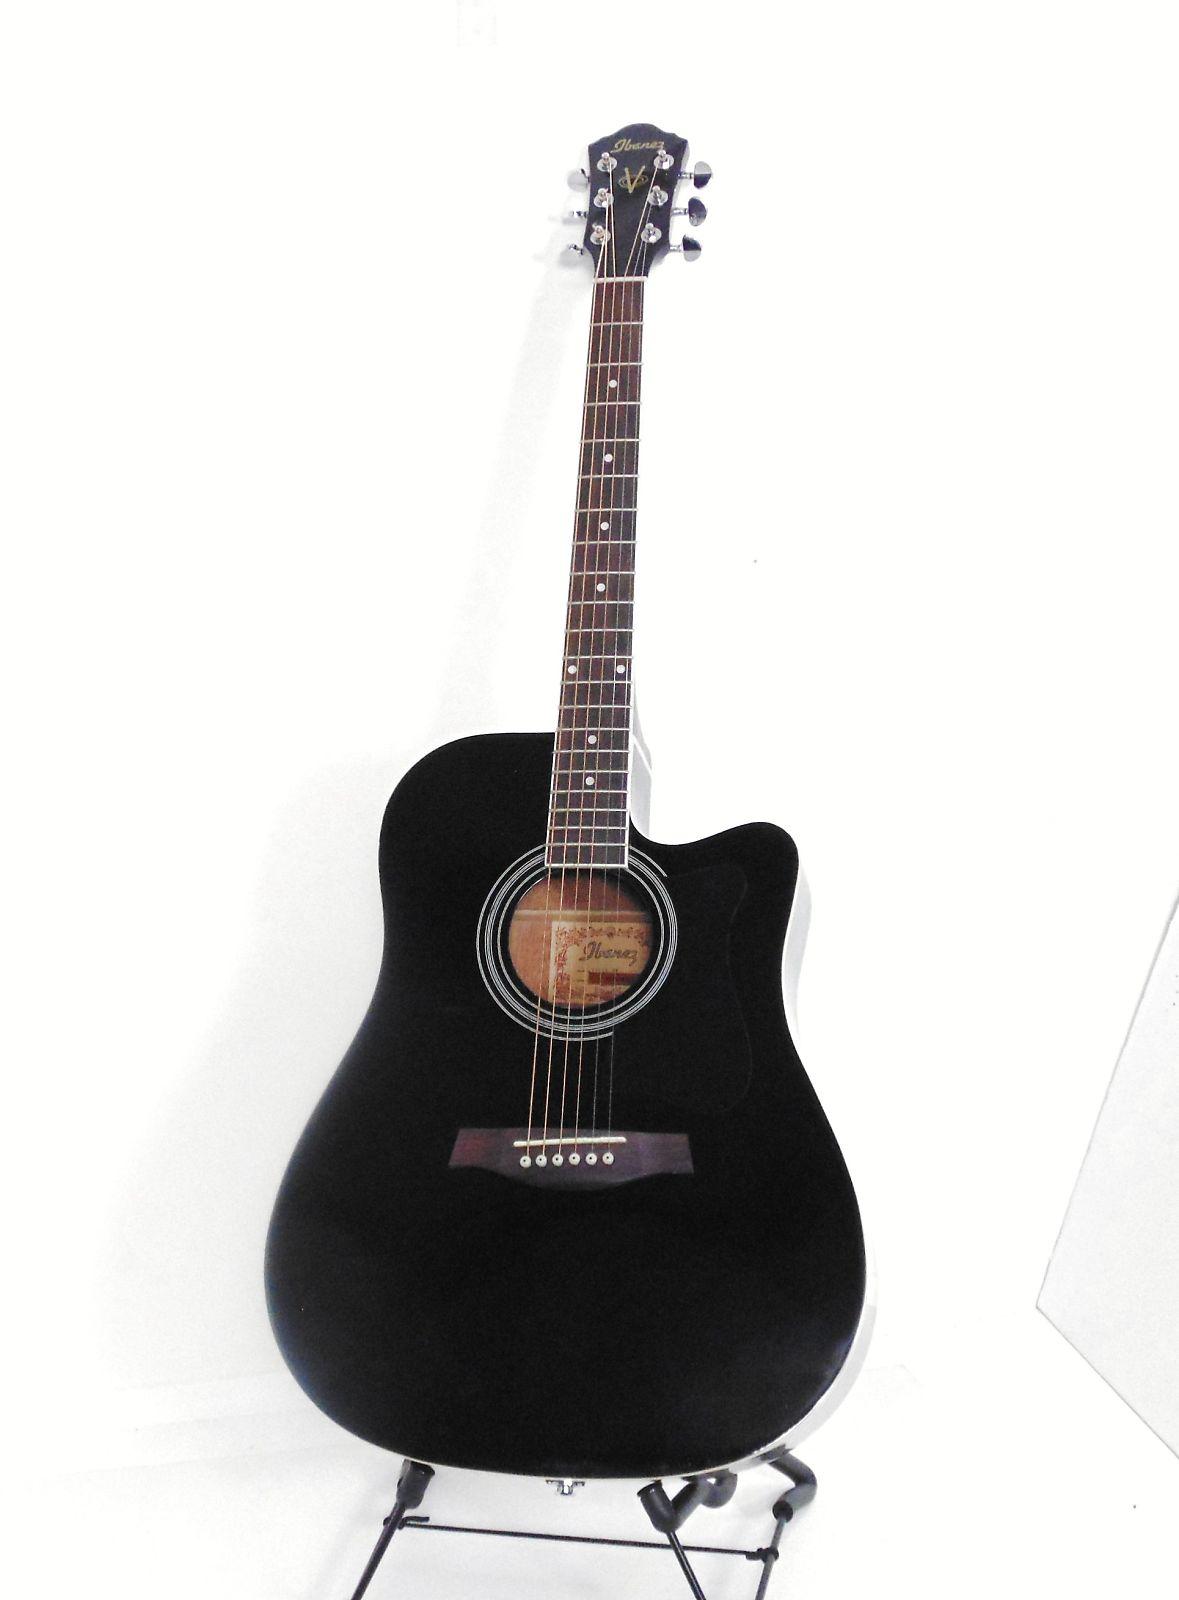 ibanez v70ce bk acoustic electric guitar black reverb. Black Bedroom Furniture Sets. Home Design Ideas